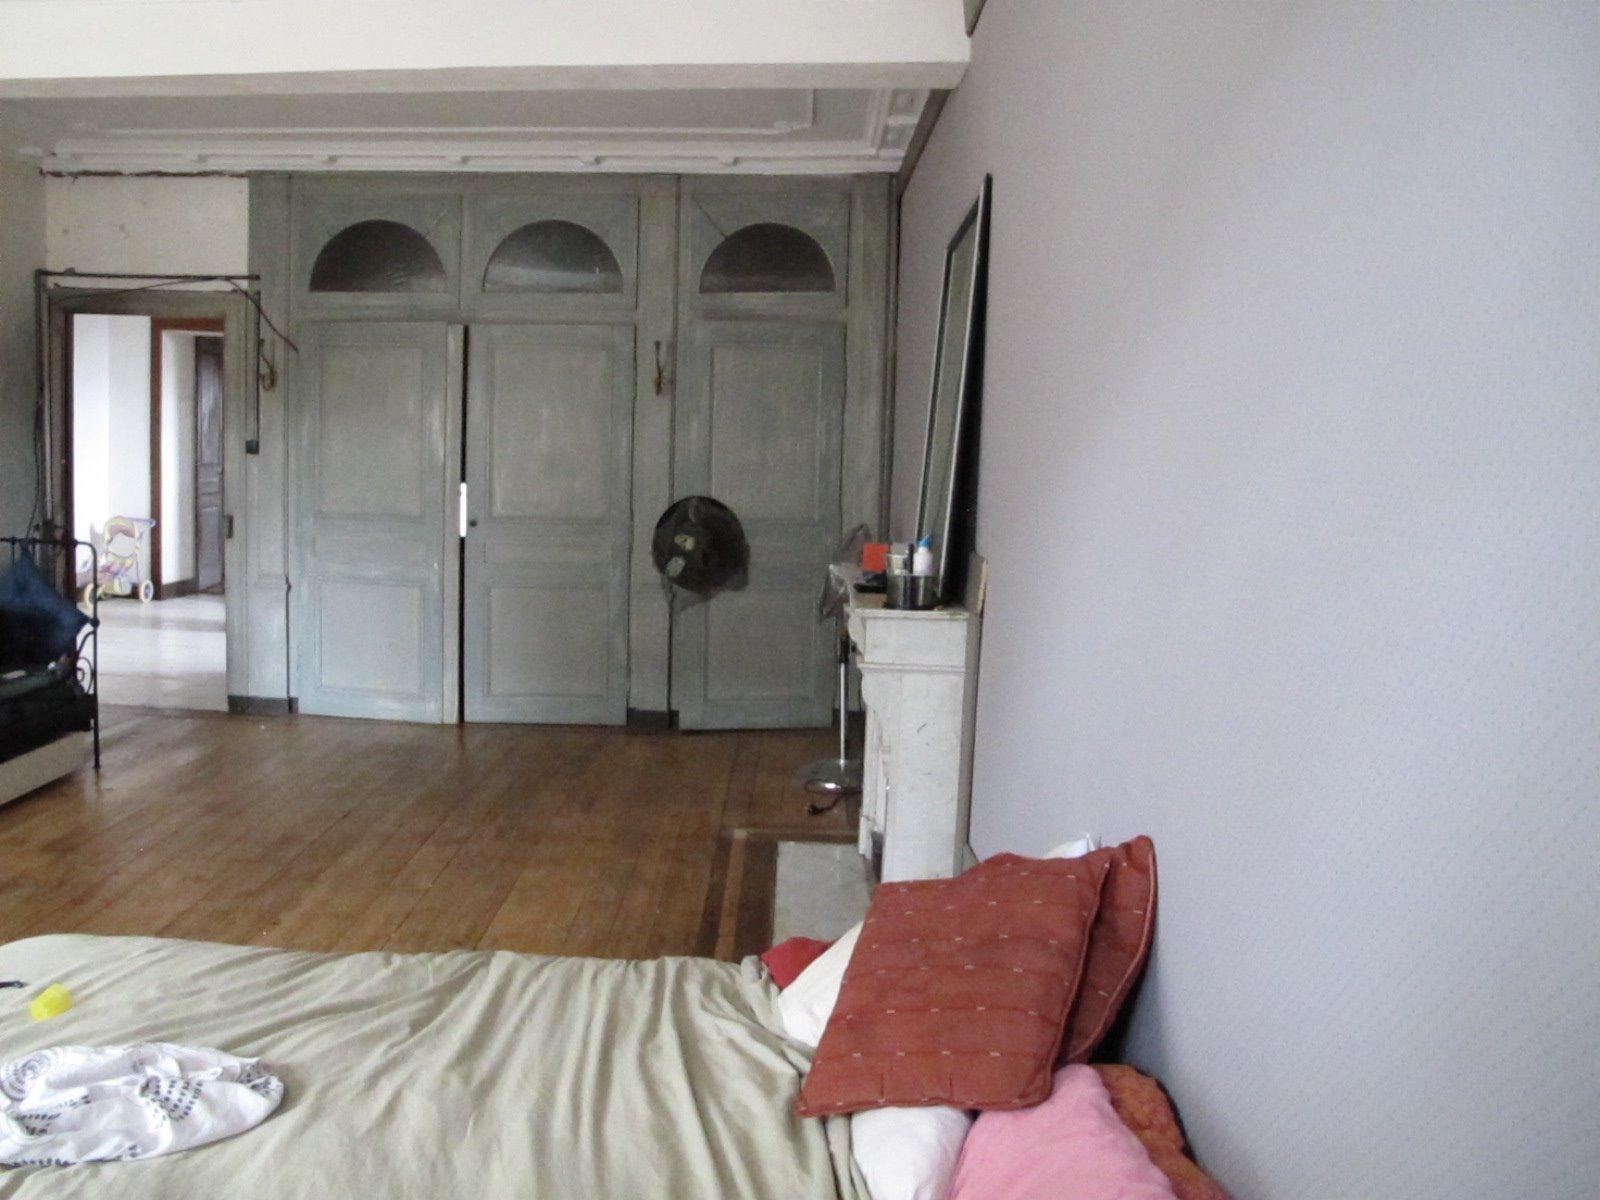 proche lons le saunier 39 jura vends grande maison de caract re 186 m avec 4 chambres 3d. Black Bedroom Furniture Sets. Home Design Ideas